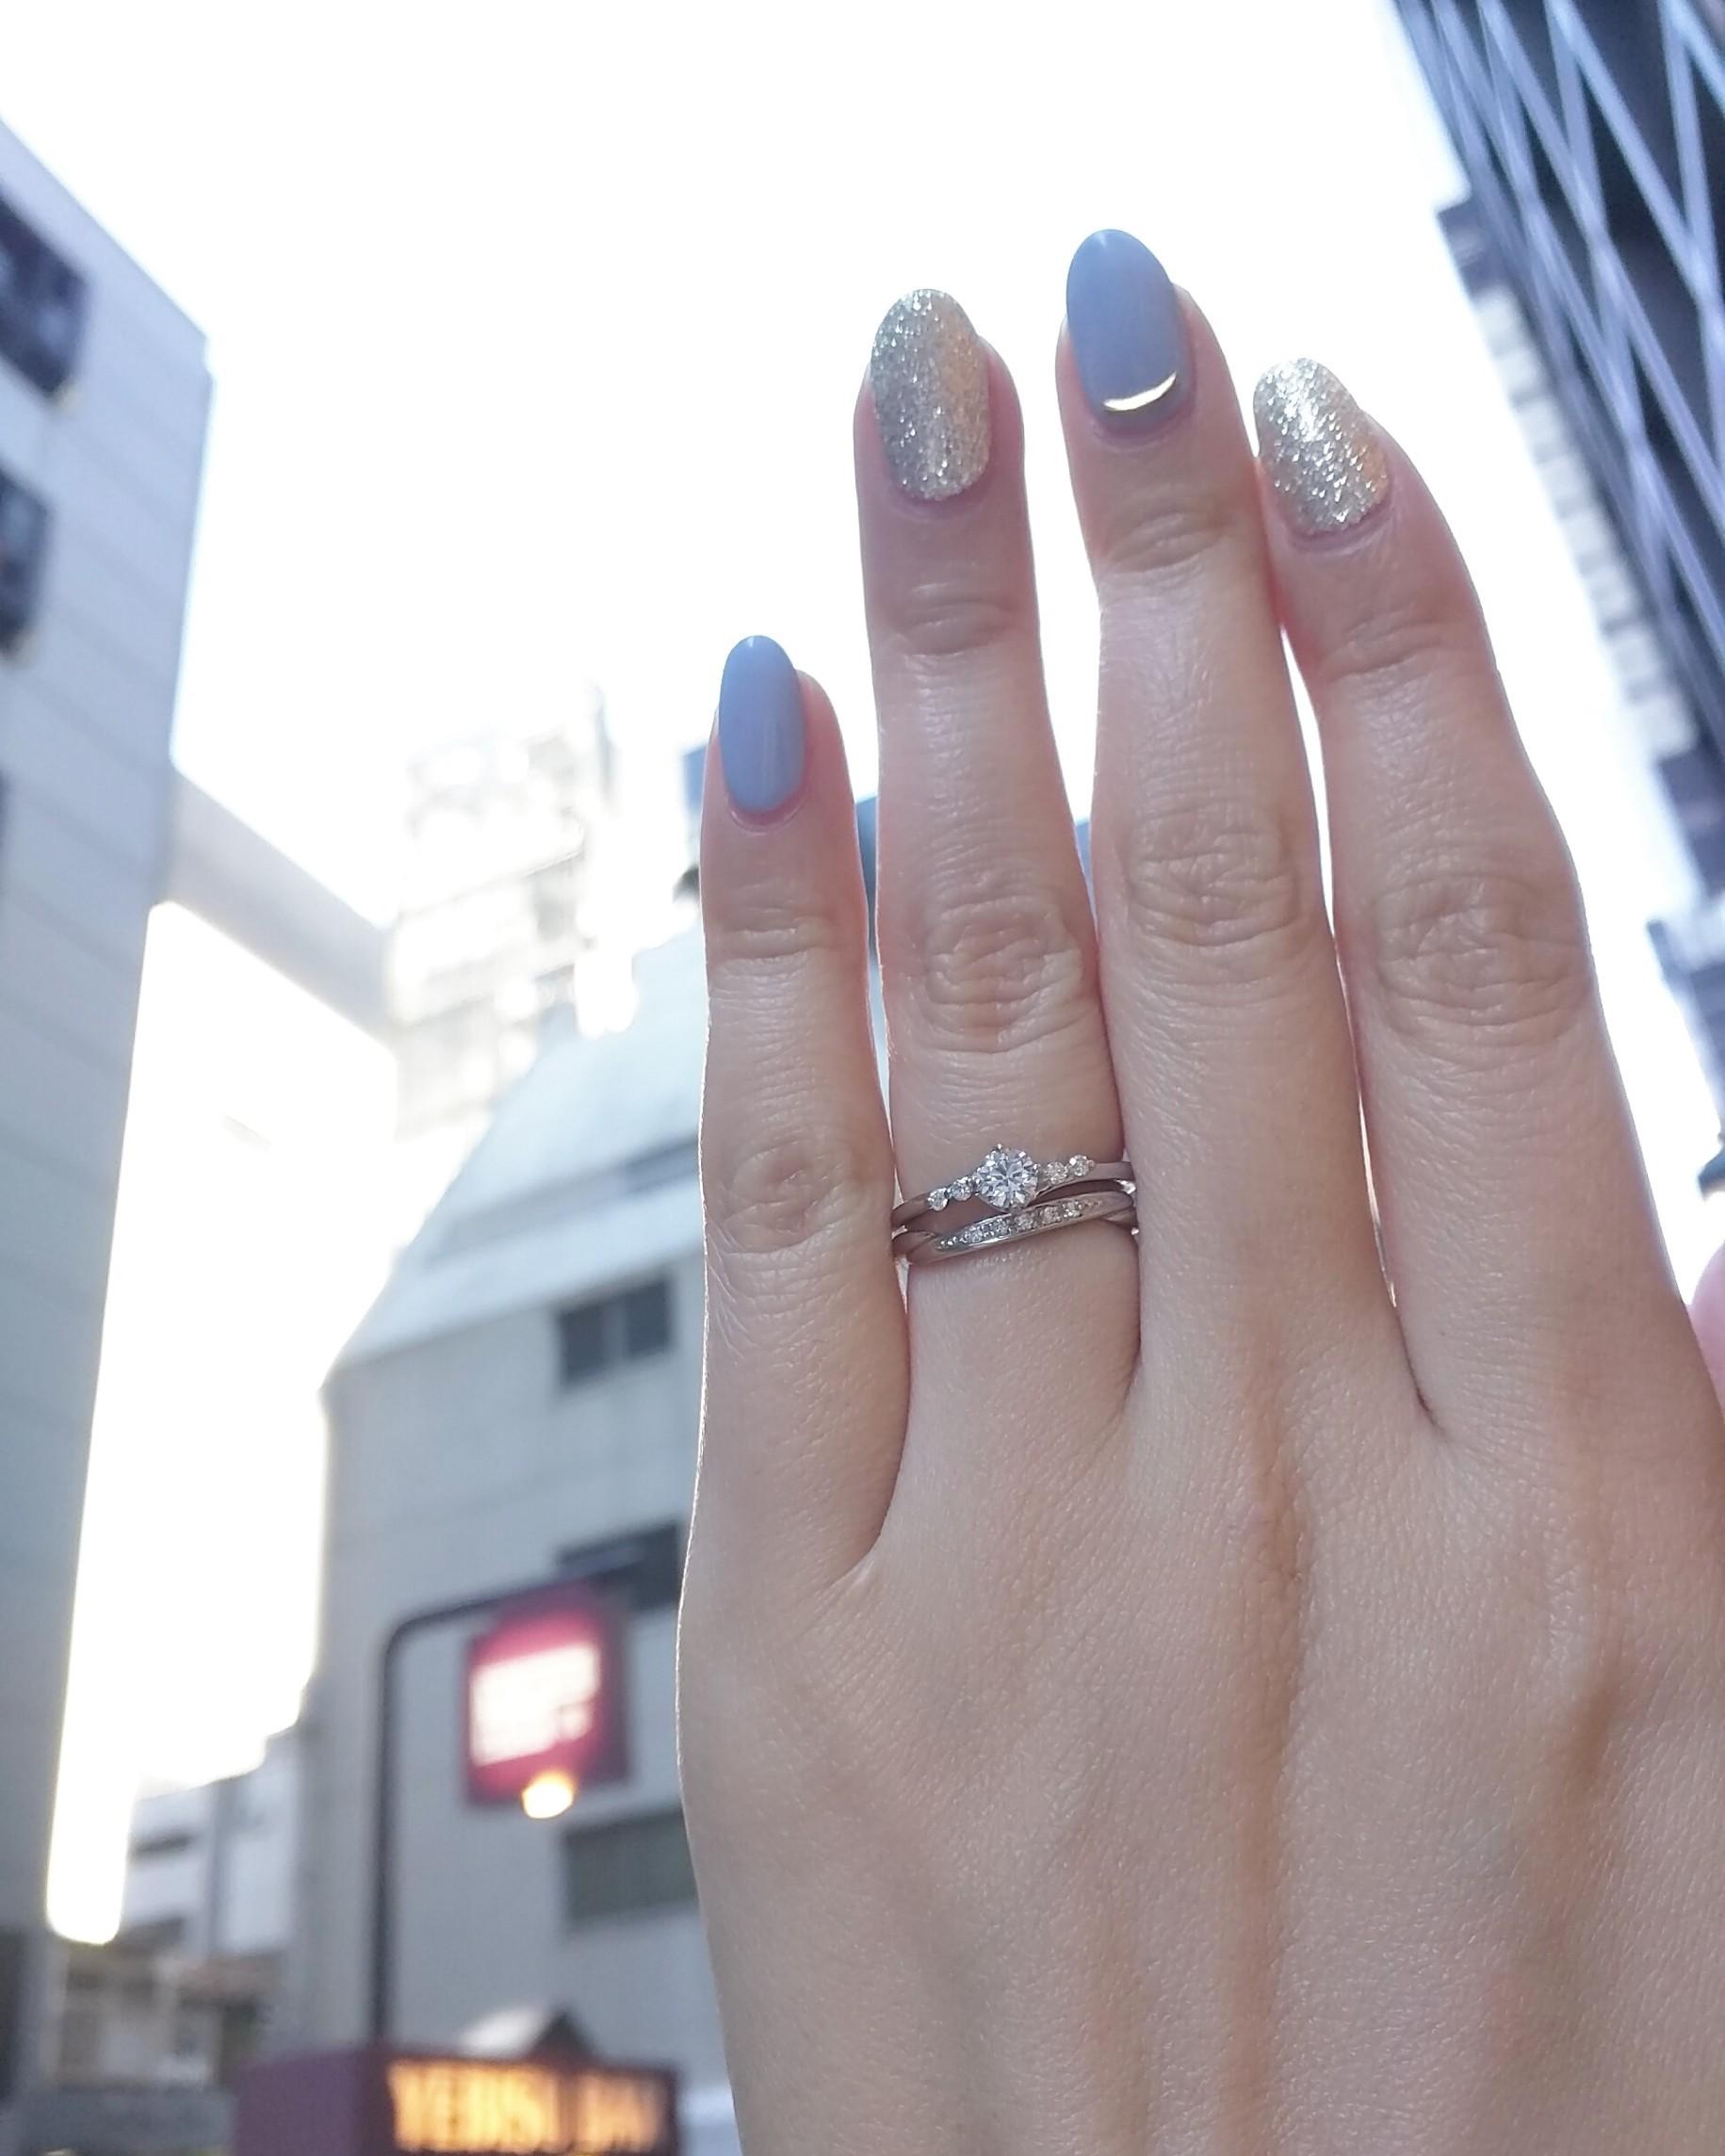 銀座で人気のプラチナでシンプルなウェーブラインが美しい婚約指輪と結婚指輪の重ね付け BRIDGE DeepAffection